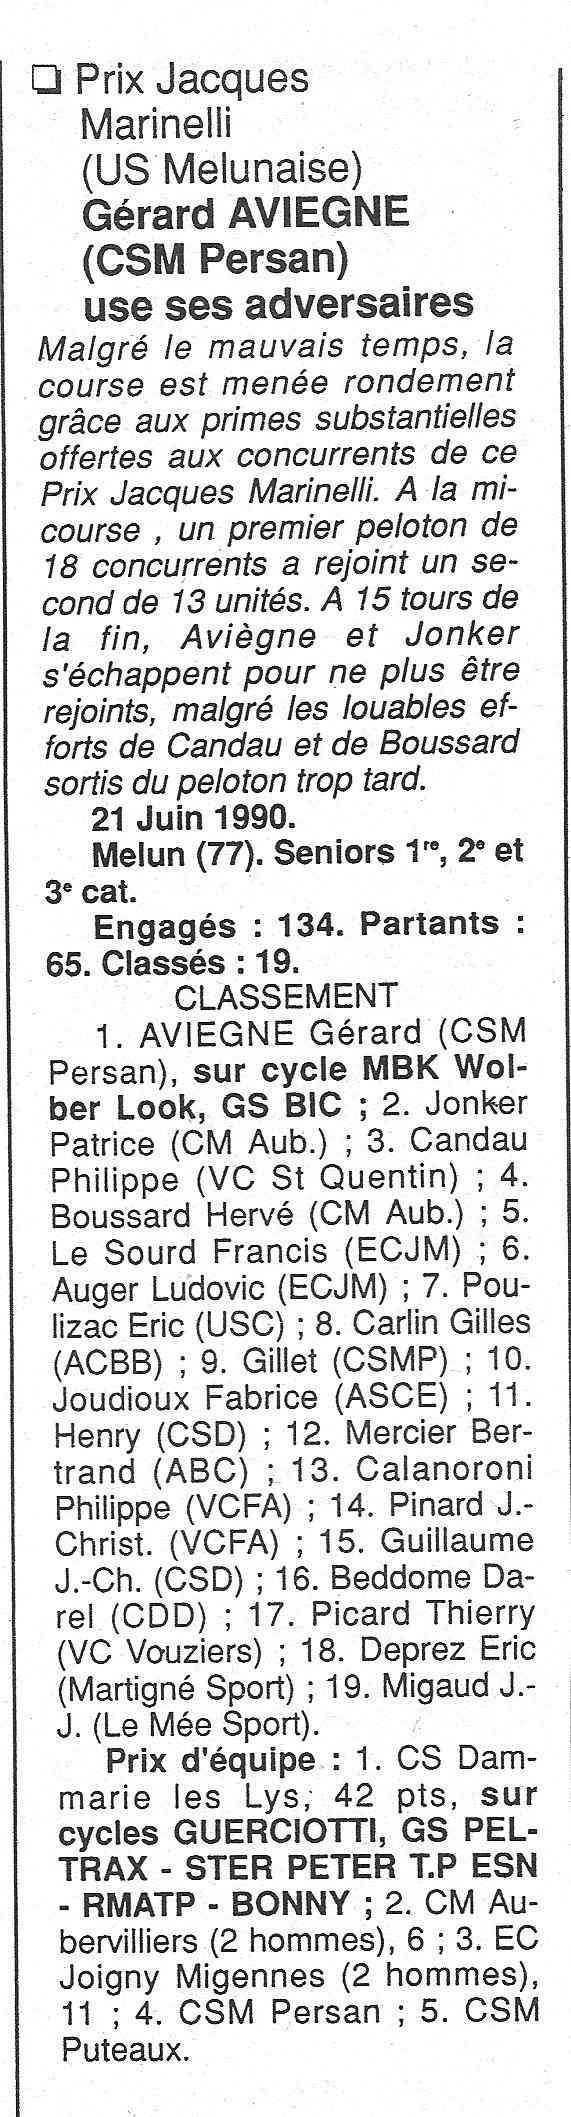 CSM.Persan. BIC. Toute une époque de janvier 1990 à novembre 2007 - Page 2 1990_143